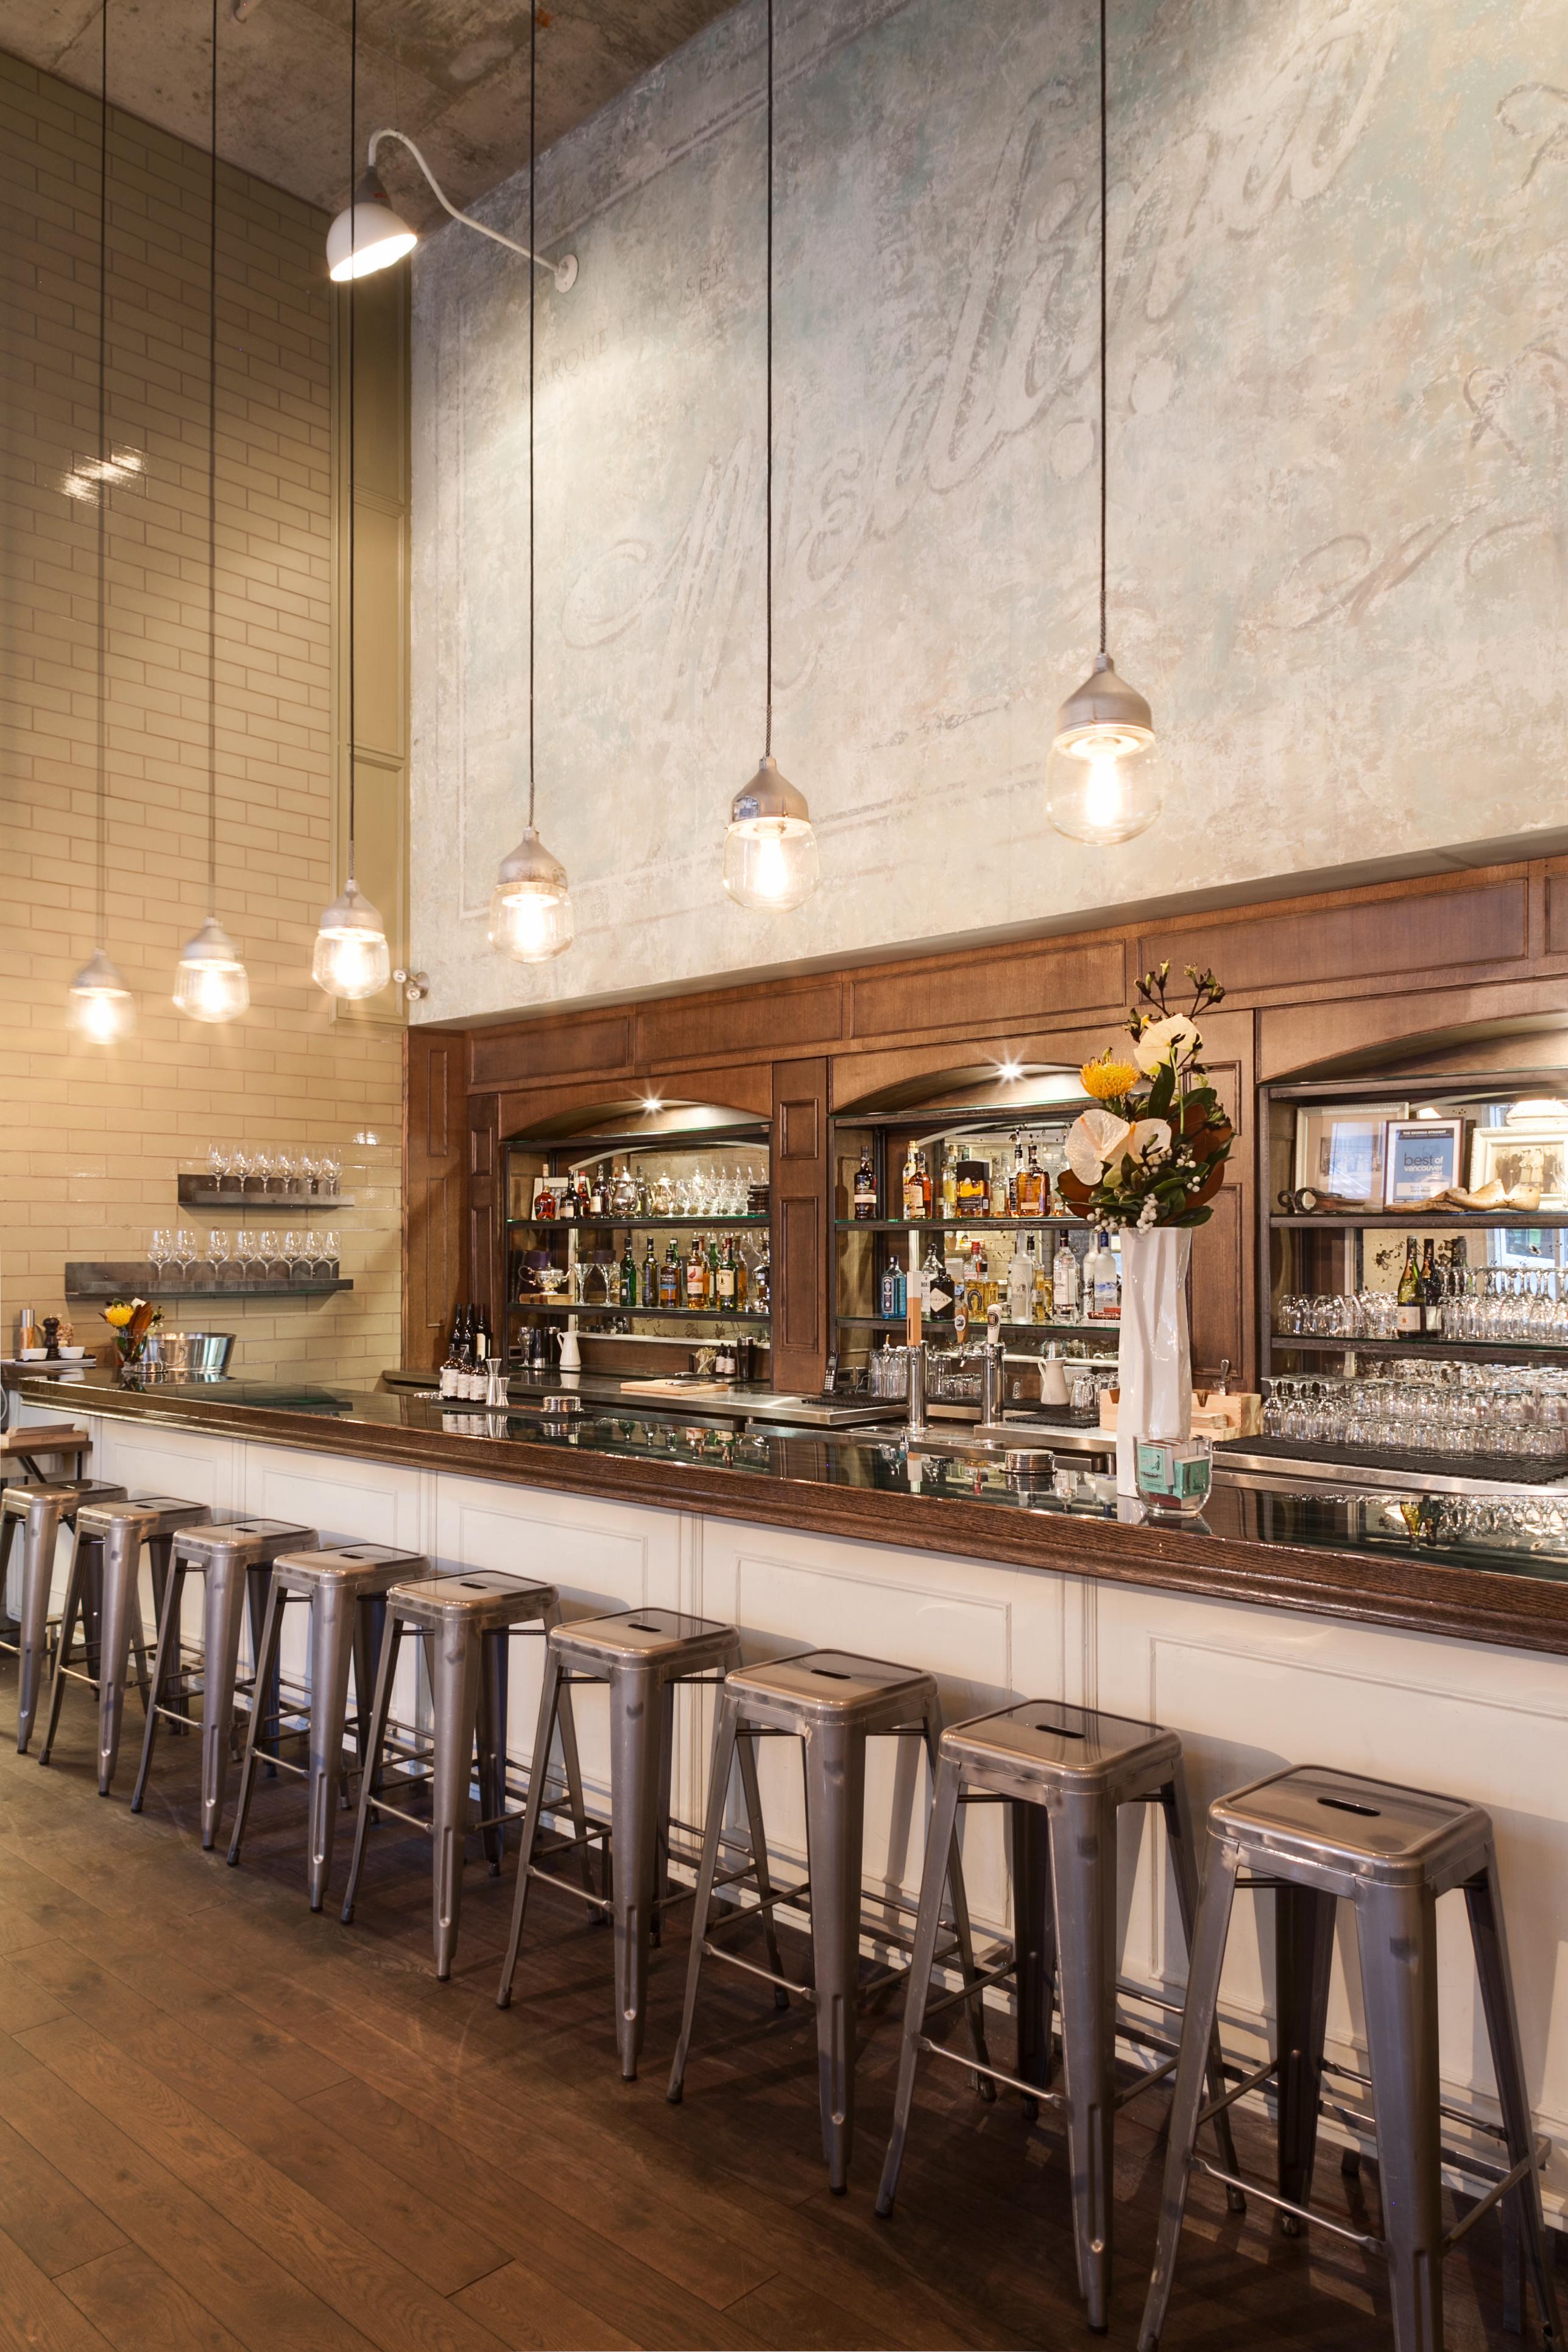 Cafemedina bar mural2 creditbarrycalhounphotography